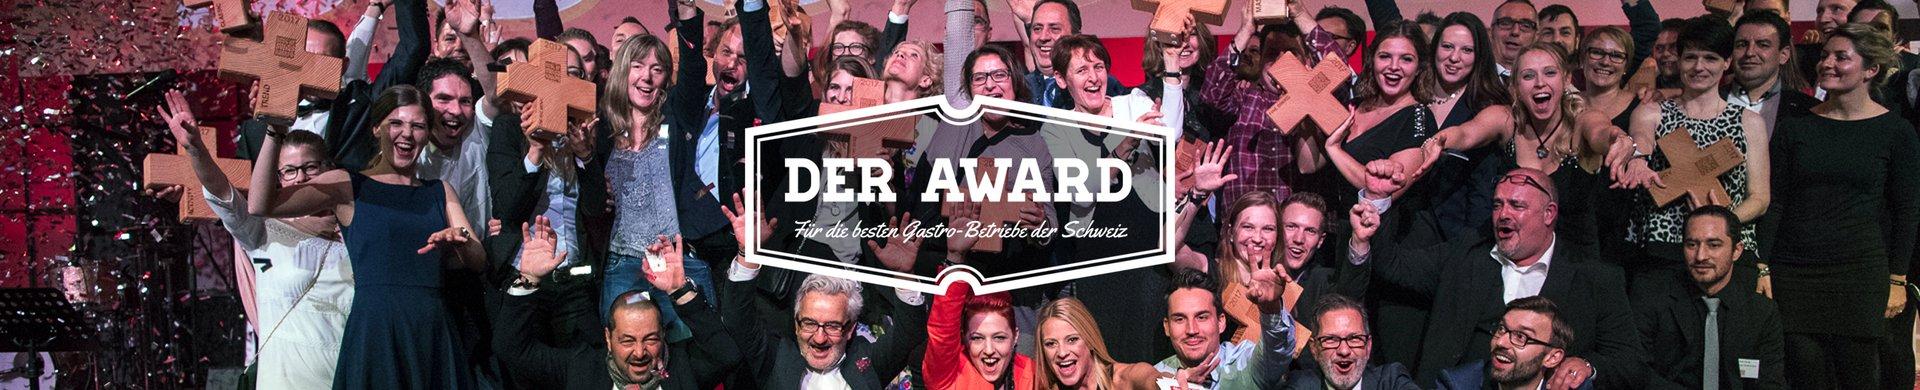 Gewinner Award 2017